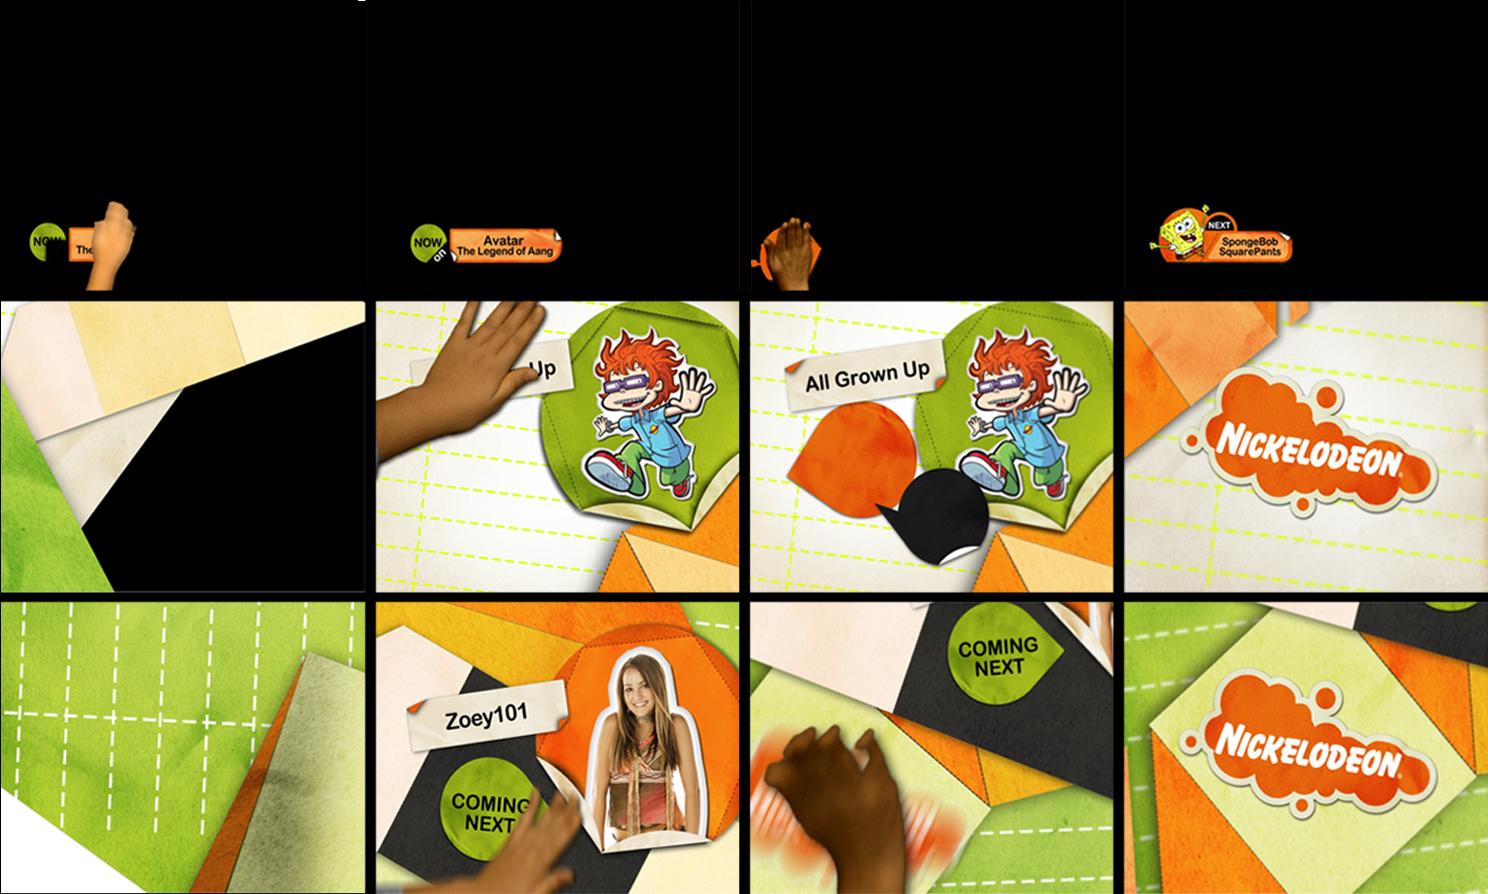 Shirley Cheng Nickelodeon Asia Rebrand 2006